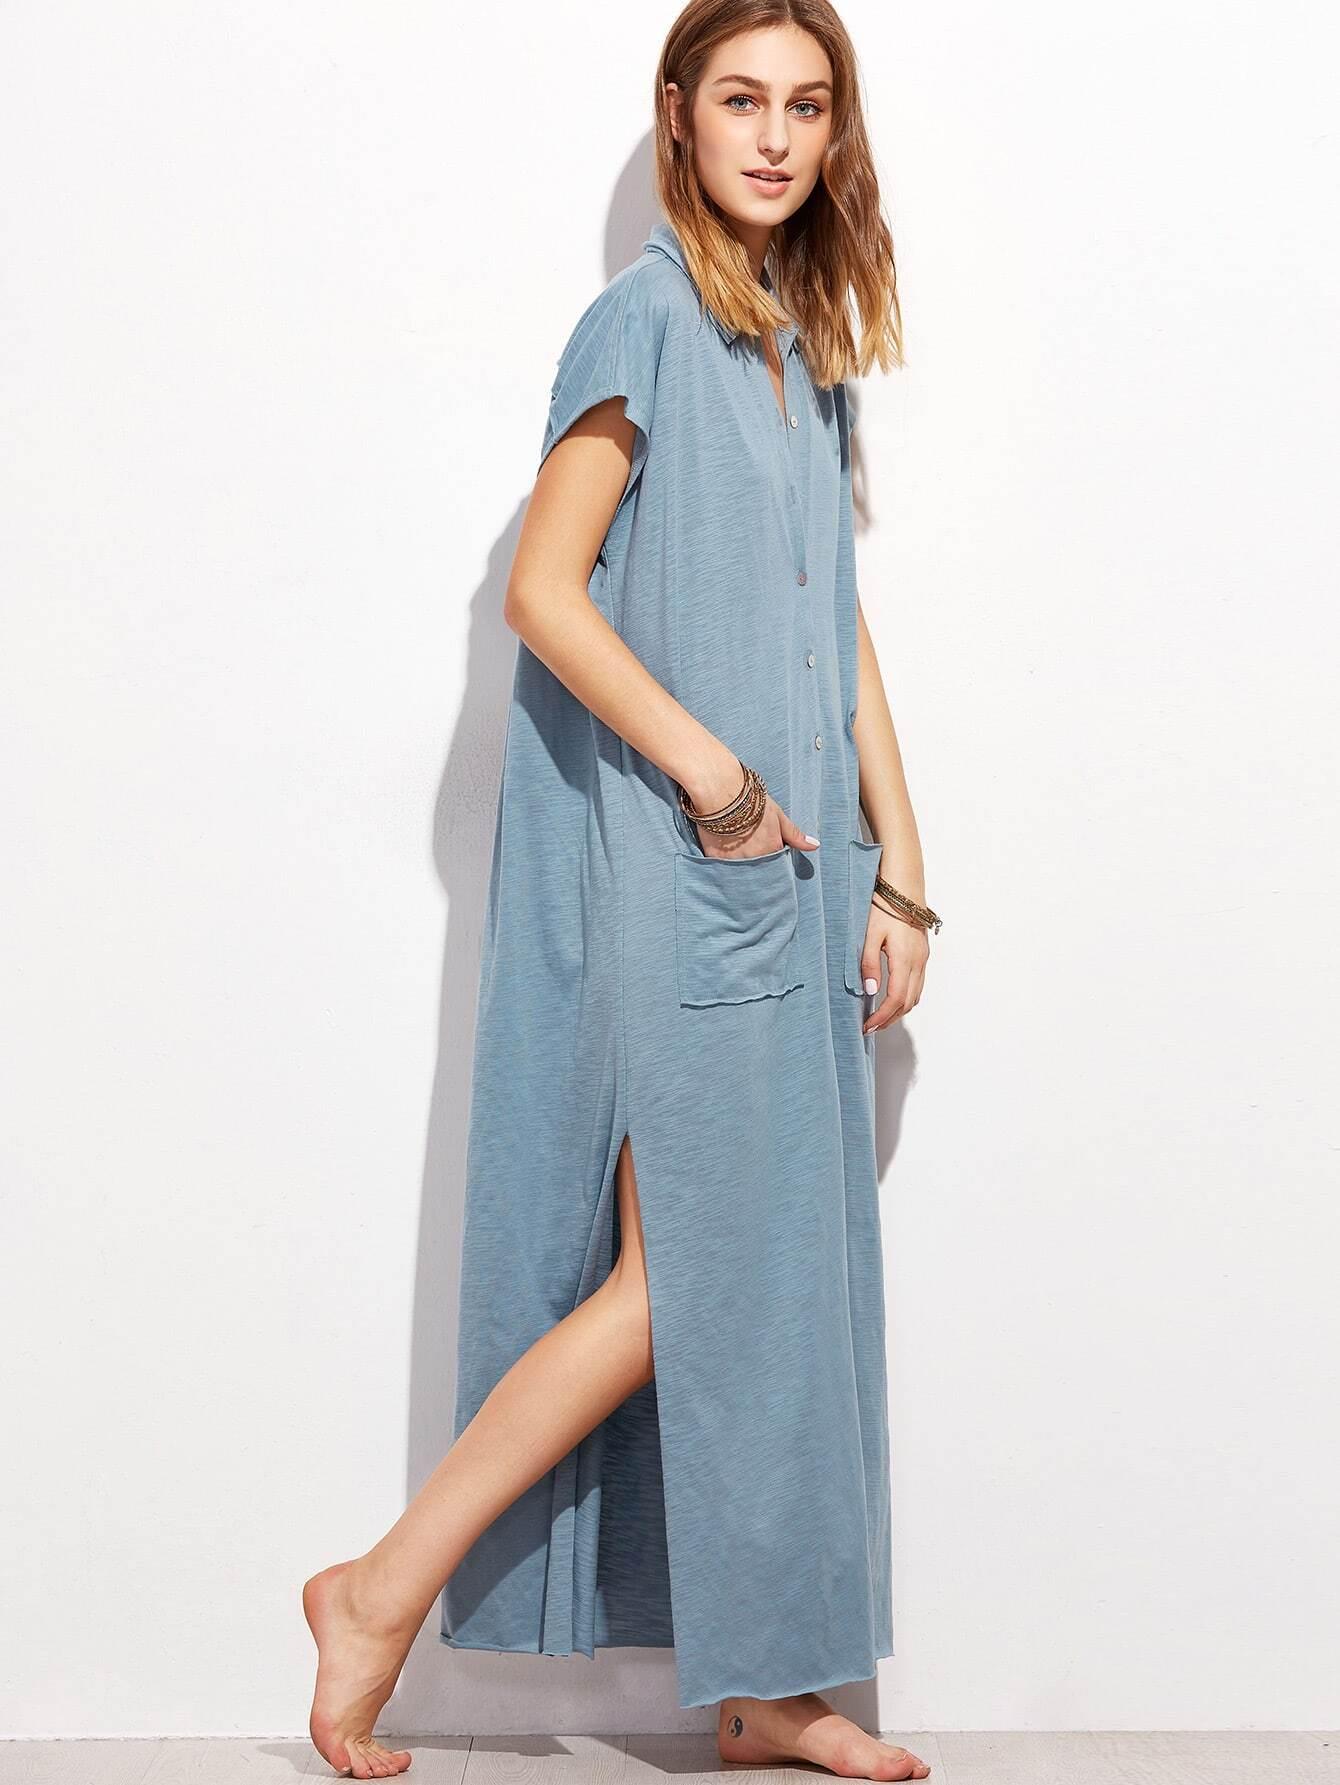 dress161011716_2